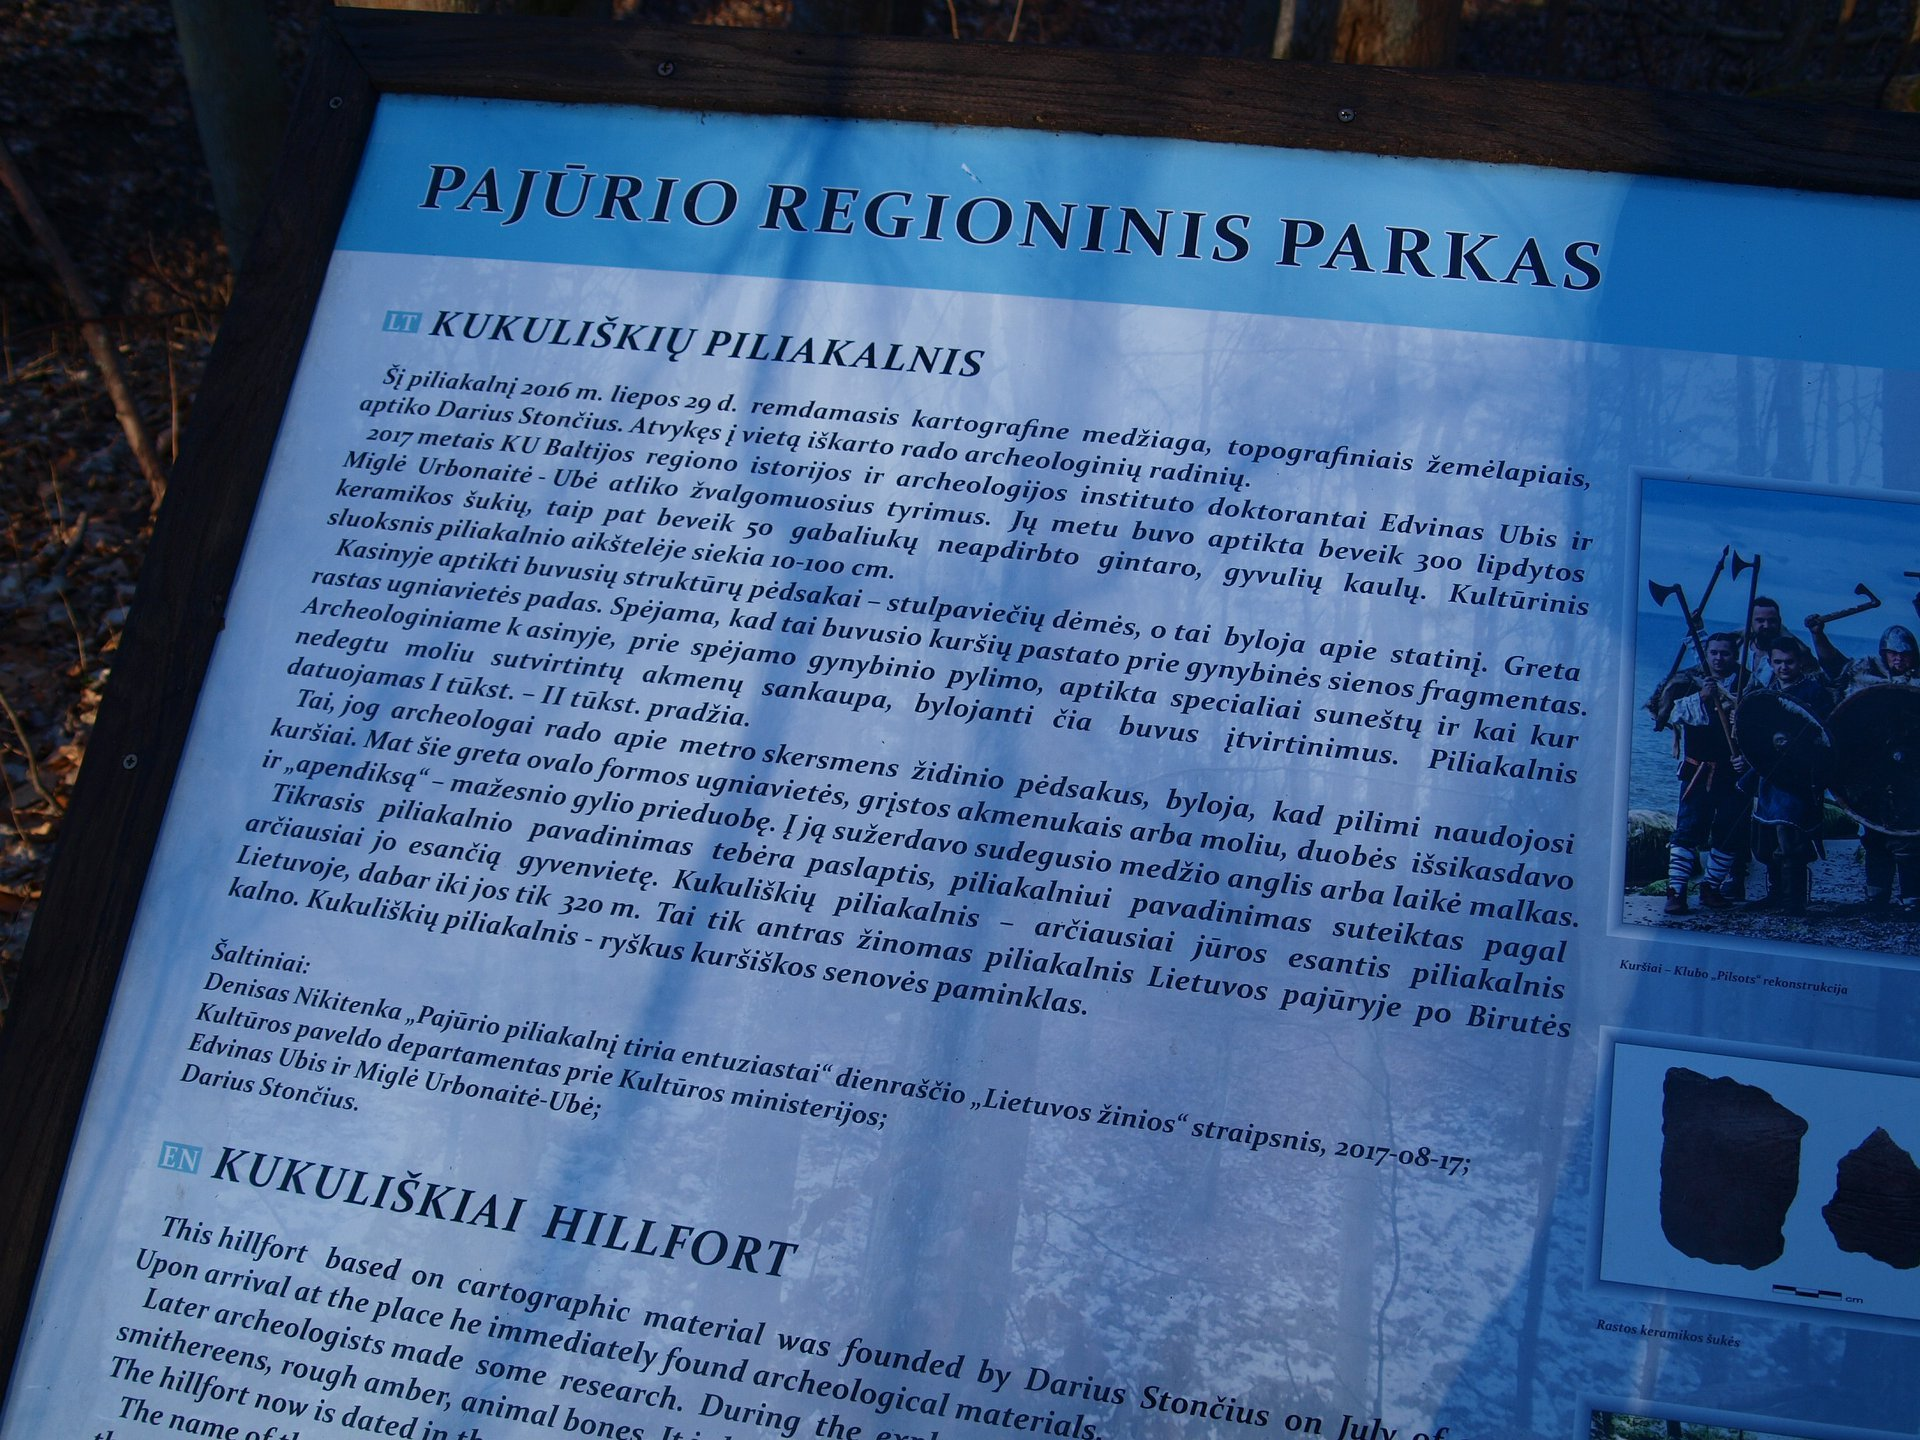 """Aiškinamosios lentelės tekstas. Kalba neredaguota. Pajūrio regioninis parkas Kukuliškių piliakalnis Šį piliakalnį 2016 m. liepos 29 d., remdamasis kartografine medžiaga, topografiniais žemėlapiais, aptiko Darius Stončius. Atvykęs į vietą, iš karto rado archeologinių radinių. 2017 metais KU Baltijos regiono istorijos ir archeologijos instituto doktorantai Edvinas Ubis ir Miglė Urbonaitė-Ubė atliko žvalgomuosius tyrimus. Jų metu buvo aptikta beveik 300 lipdytos keramikos šukių, taip pat beveik 50 gabaliukų neapdirbto gintaro, gyvulių kaulų. Kultūrinis sluoksnis piliakalnio aikštelėje siekia 10–100 cm. Kasinyje aptikti buvusių struktūrų pėdsakai – stulpaviečių dėmės, o tai byloja apie statinį. Greta rastas ugniavietės padas. Spėjama, kad tai buvusio kuršių pastato prie gynybinės sienos fragmentas. Archeologiniame kasinyje, prie spėjamo gynybinio pylimo, aptikta specialiai suneštų ir kai kur nedegtu moliu sutvirtintų akmenų sankaupa, bylojanti čia buvus įtvirtinimus. Piliakalnis datuojamas I tūkst.. – II tūkst. Pradžia. Tai, jog archeologai rado apie metro skersmens židinio pėdsakus, byloja, kad pilimi naudojosi kuršiai. Mat šie greta ovalo formos ugniavietės, grįstos akmenukais arba moliu, duobės išsikasdavo ir """"apendiksą"""" – mažesnio gylio prieduobę. Į ją sužerdavo sudegusio medžio anglis arba laikė malkas. Tikrasis piliakalnio pavadinimas tebėra paslaptis, piliakalniui pavadinimas suteiktas pagal arčiausiai jo esančią gyvenvietę. Kukuliškių piliakalnis – arčiausiai jūros esantis piliakalnis Lietuvoje, dabar iki jos tik 320 m. Tai tik antras žinomas piliakalnis Lietuvos pajūryje po Birutės kalno. Kukuliškių piliakalnis – ryškus kuršiškos senovės paminklas. Šaltiniai: Denisas Nikitenka. """"Pajūrio piliakalnį tiria entuziastai"""", dienraščio """"Lietuvos žinios"""" straipsnis, 2017-08-17; Kultūros paveldo departamentas prie Kultūros ministerijos; Edvinas Ubis ir Miglė Urbonaitė-Ubė; Darius Stončius."""